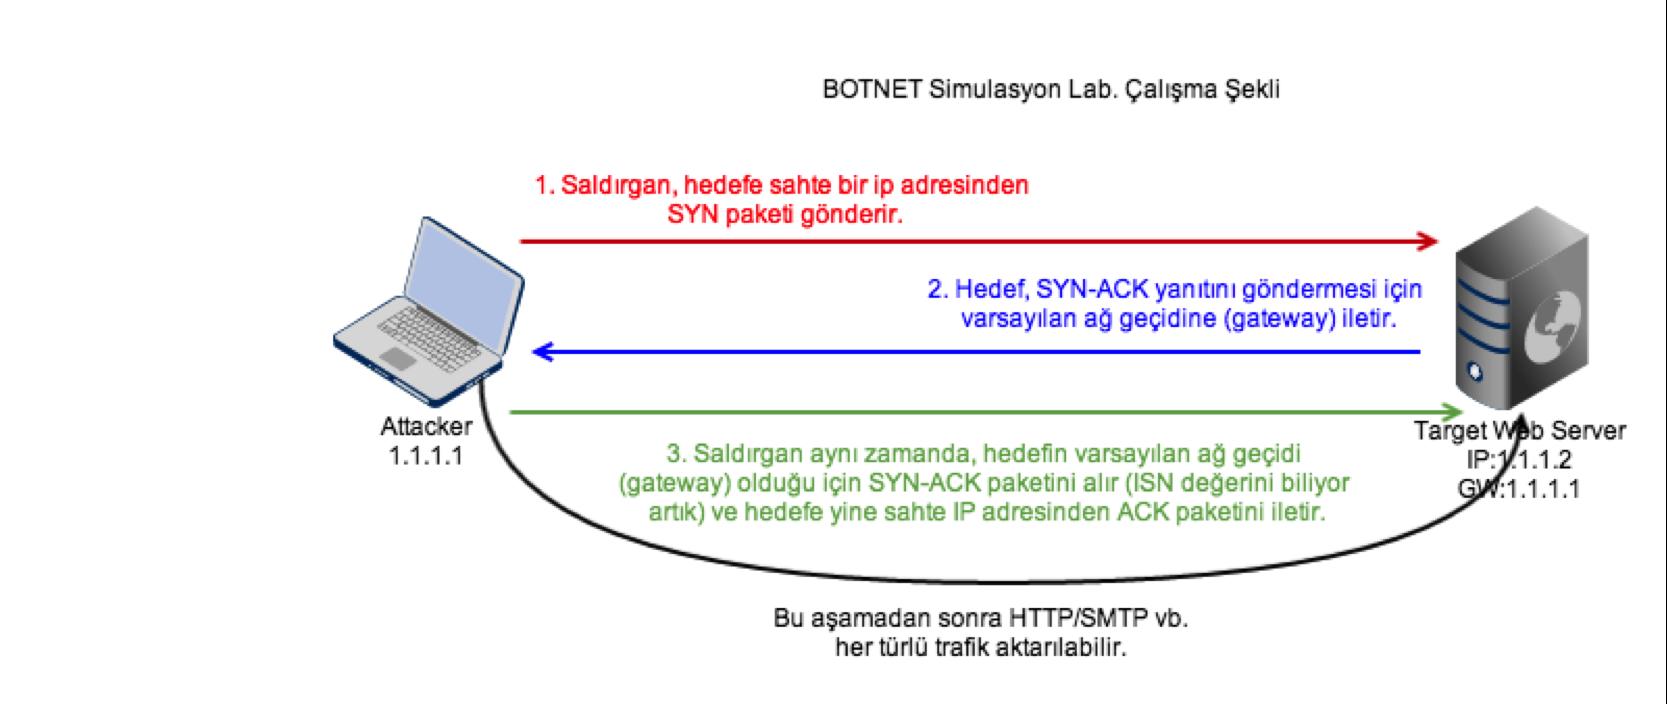 botnet_smulation